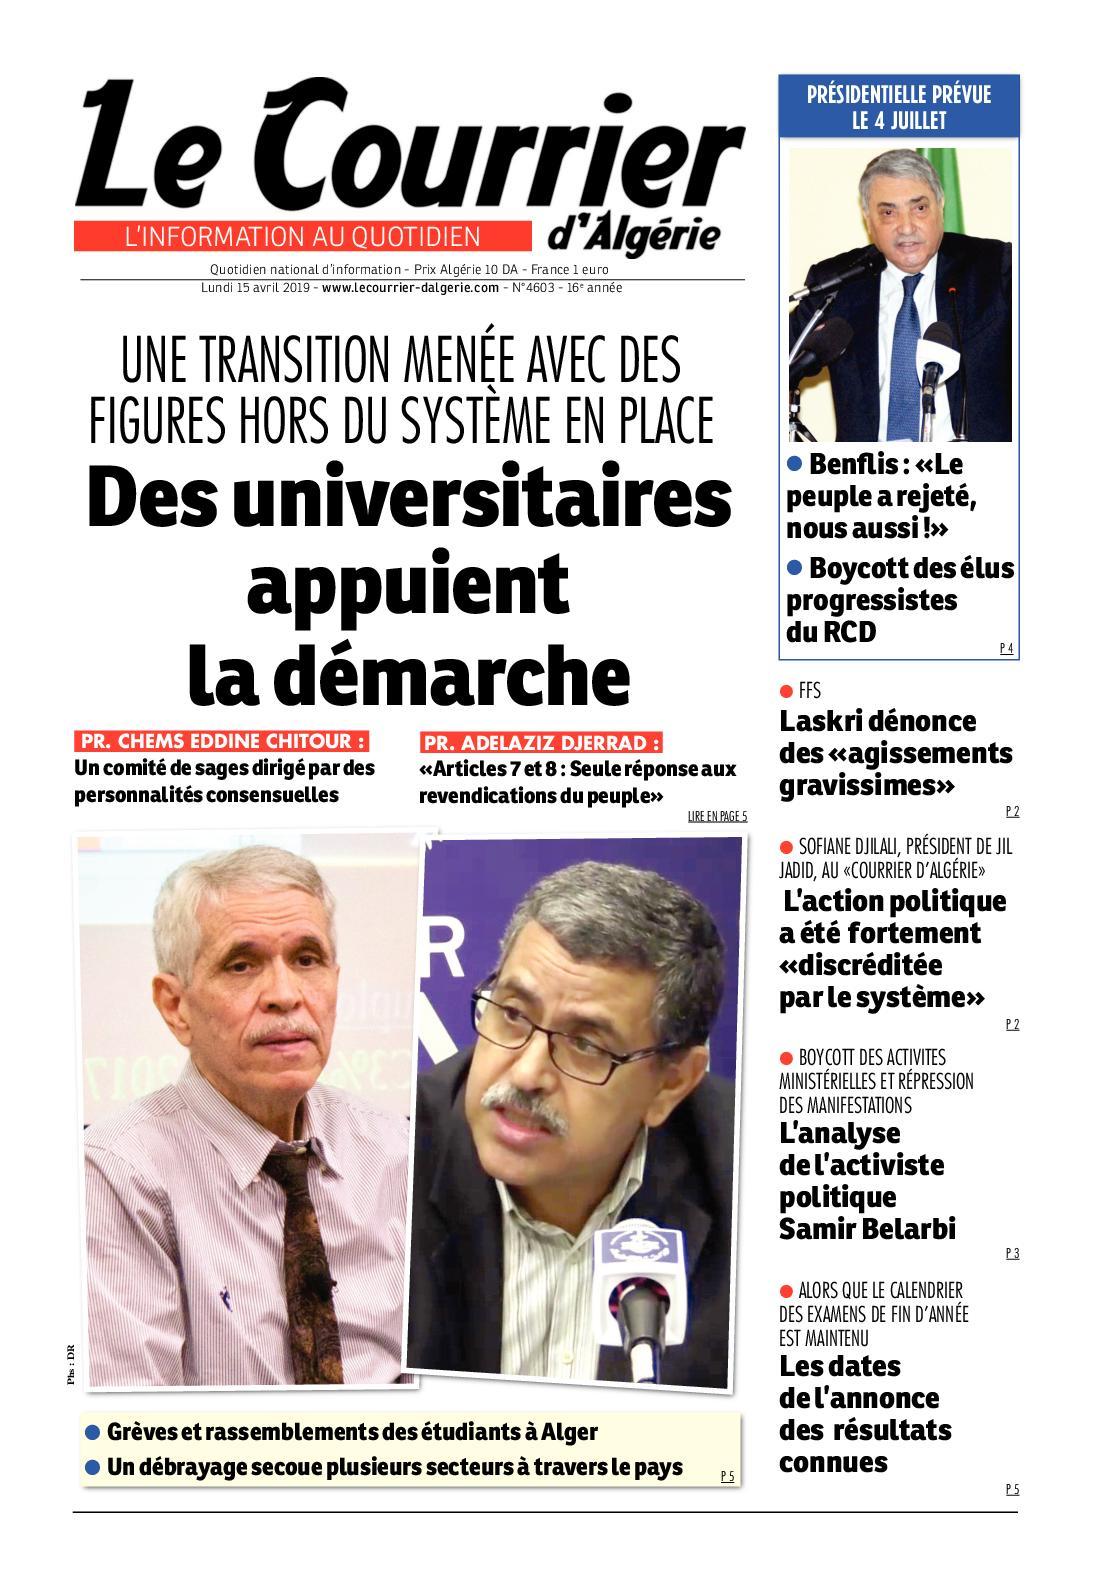 Le Courrier d'Algérie du lundi 15 avril 2019